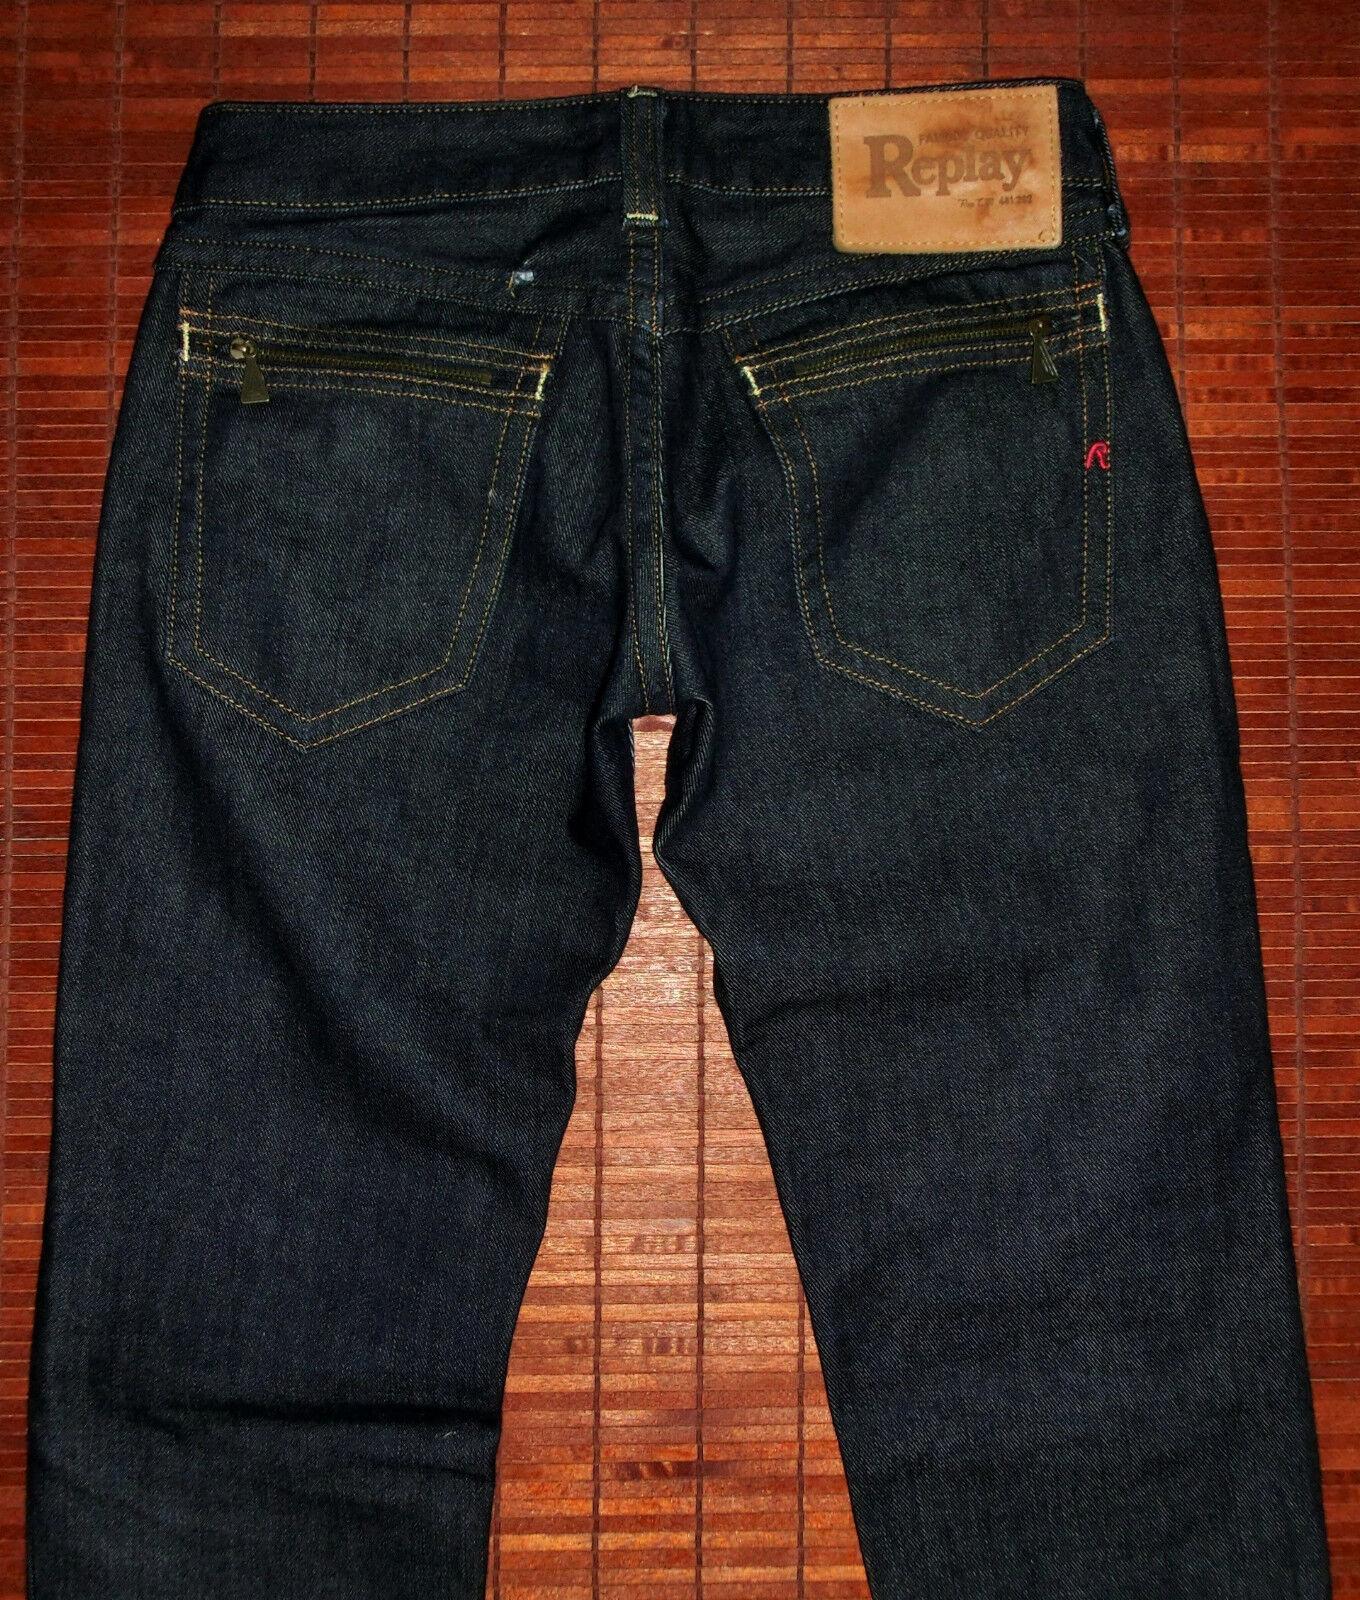 Jeans vita bassa REPLAY modello  WV 497.030 taglia taglia taglia 26 30 us STATO PERFETTO ffd2d9